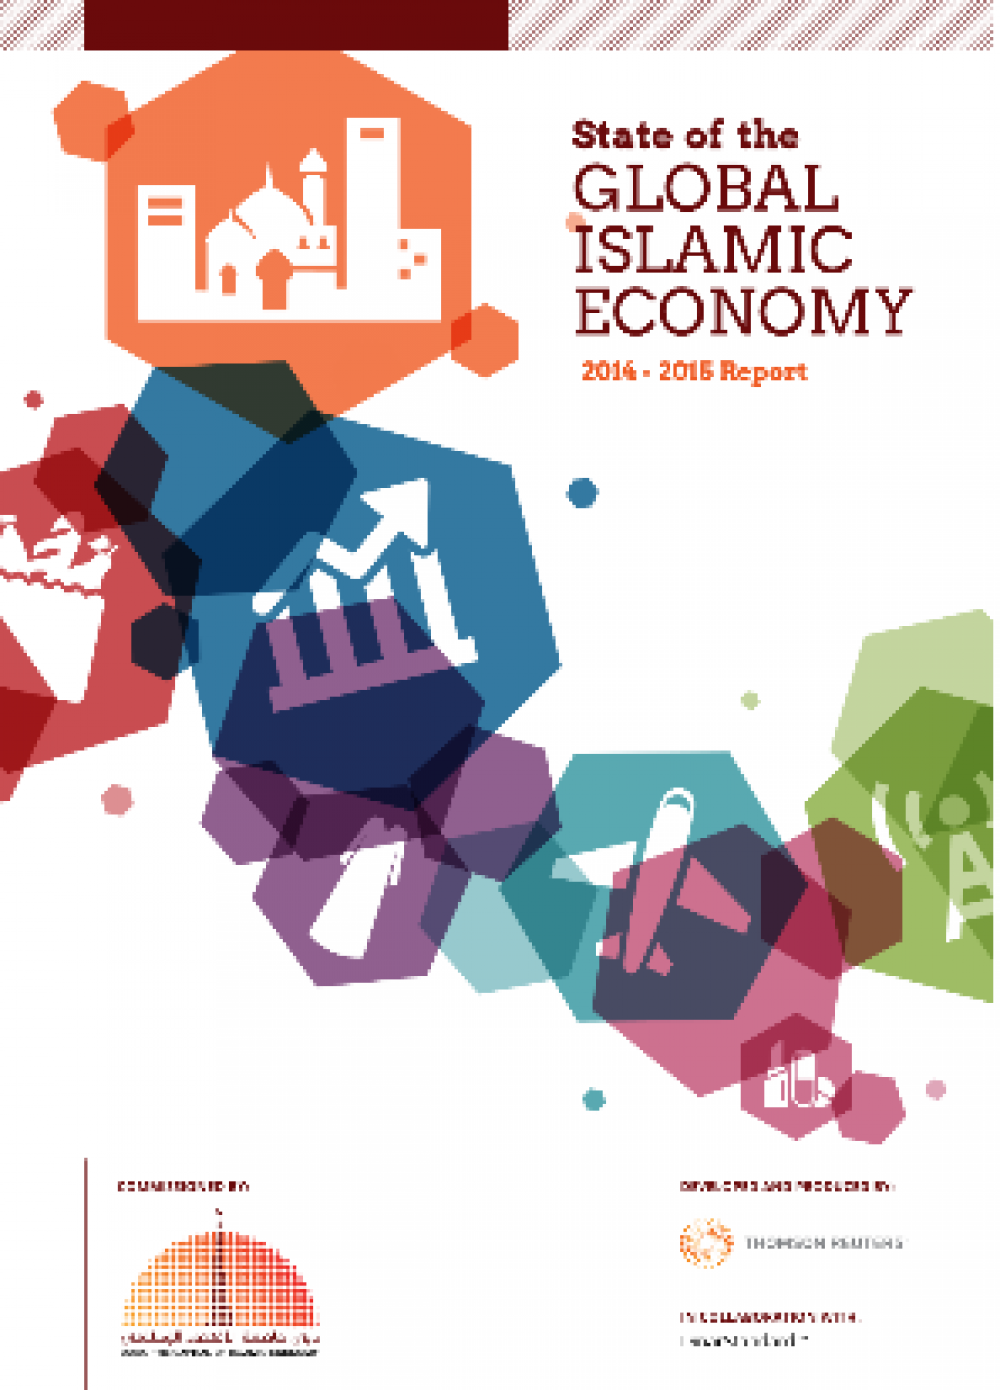 Informe e Indicador del Estado de la Economía Islámica Global 2014-2015